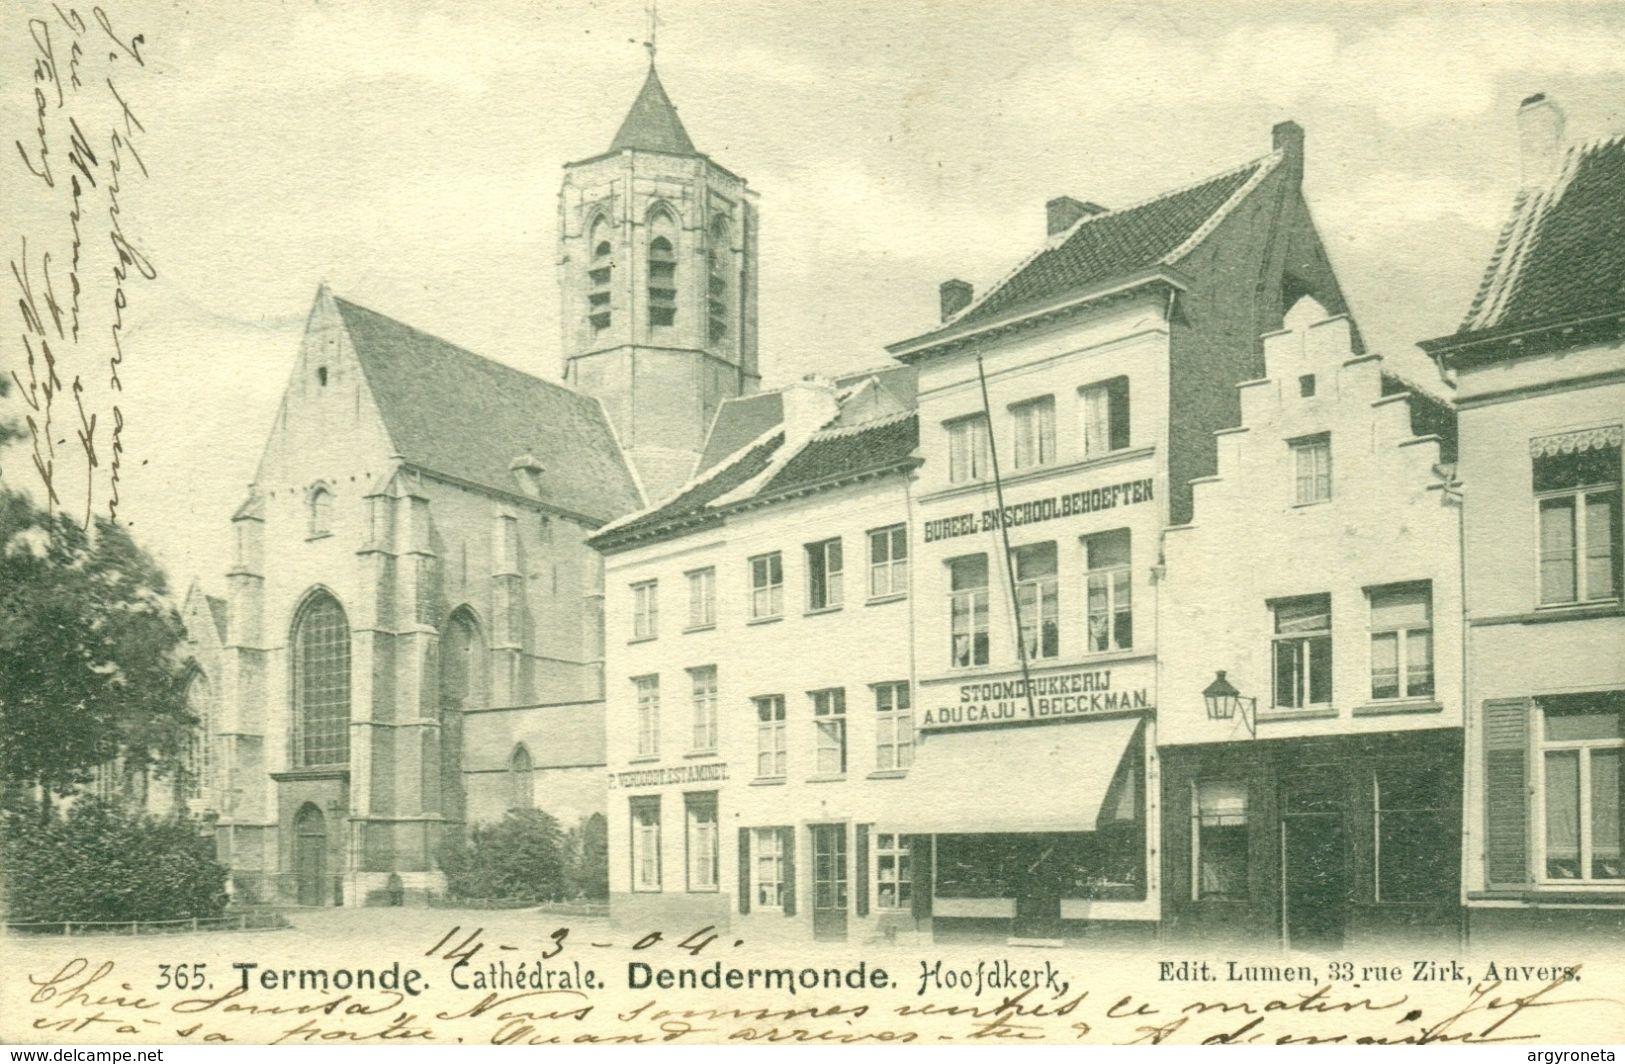 Dendermonde - Hoofdkerk - Kerkstraat - Lumen 365 - Dendermonde